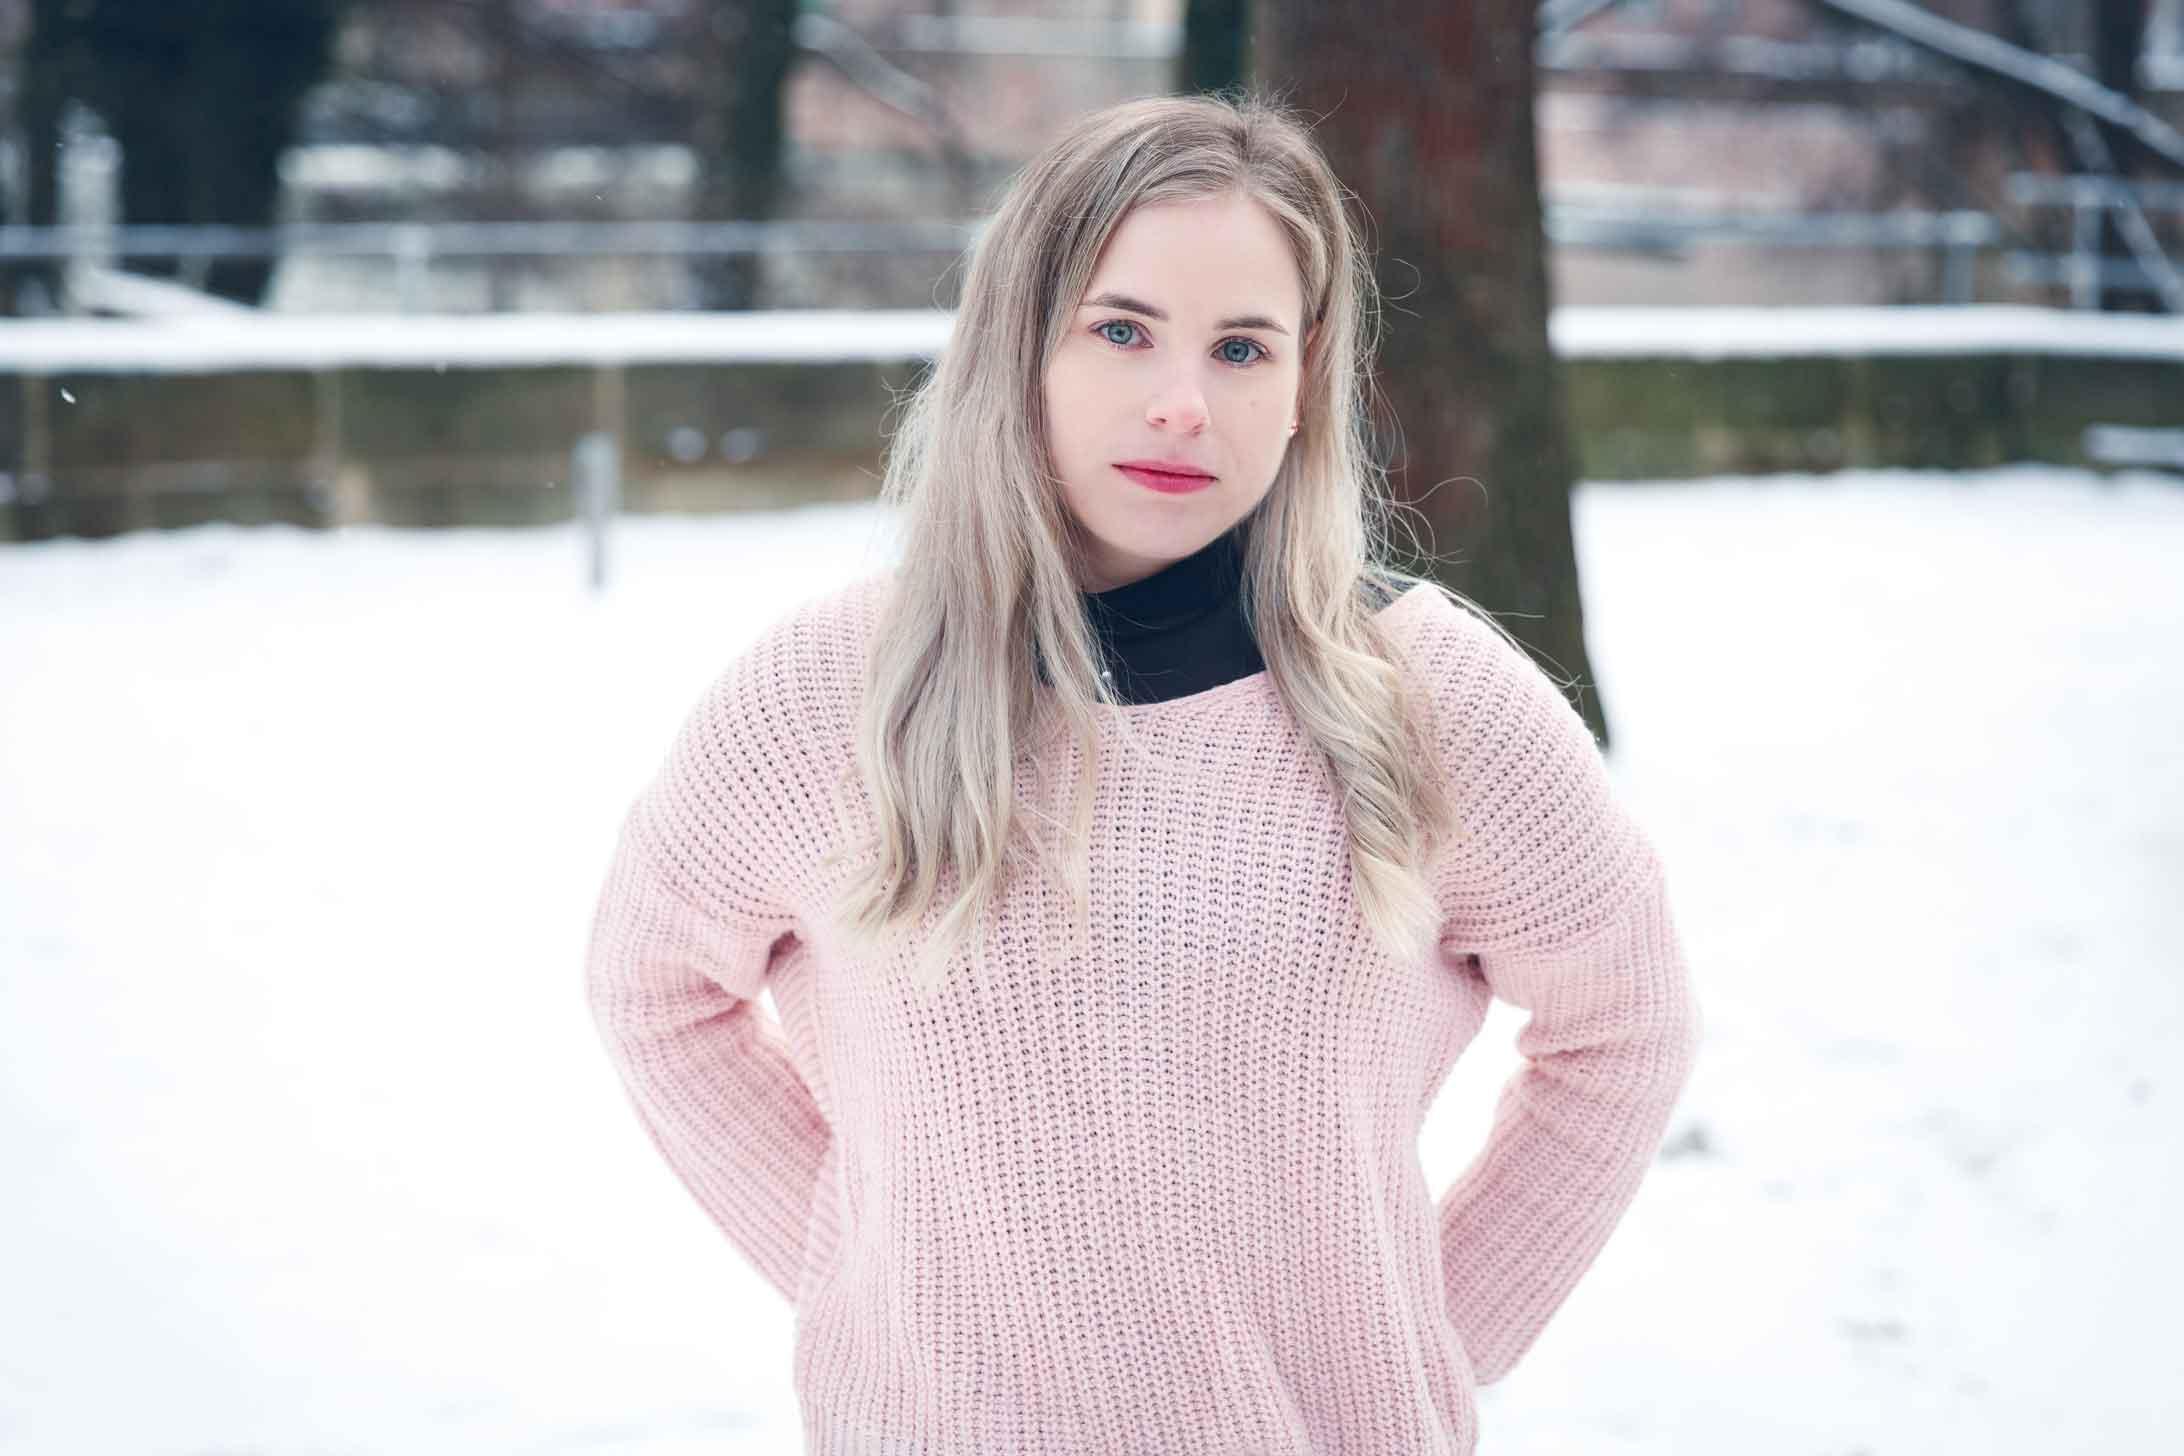 Winterliche Portraits bei Schnee und eisigen Temperaturen IMG 6550w